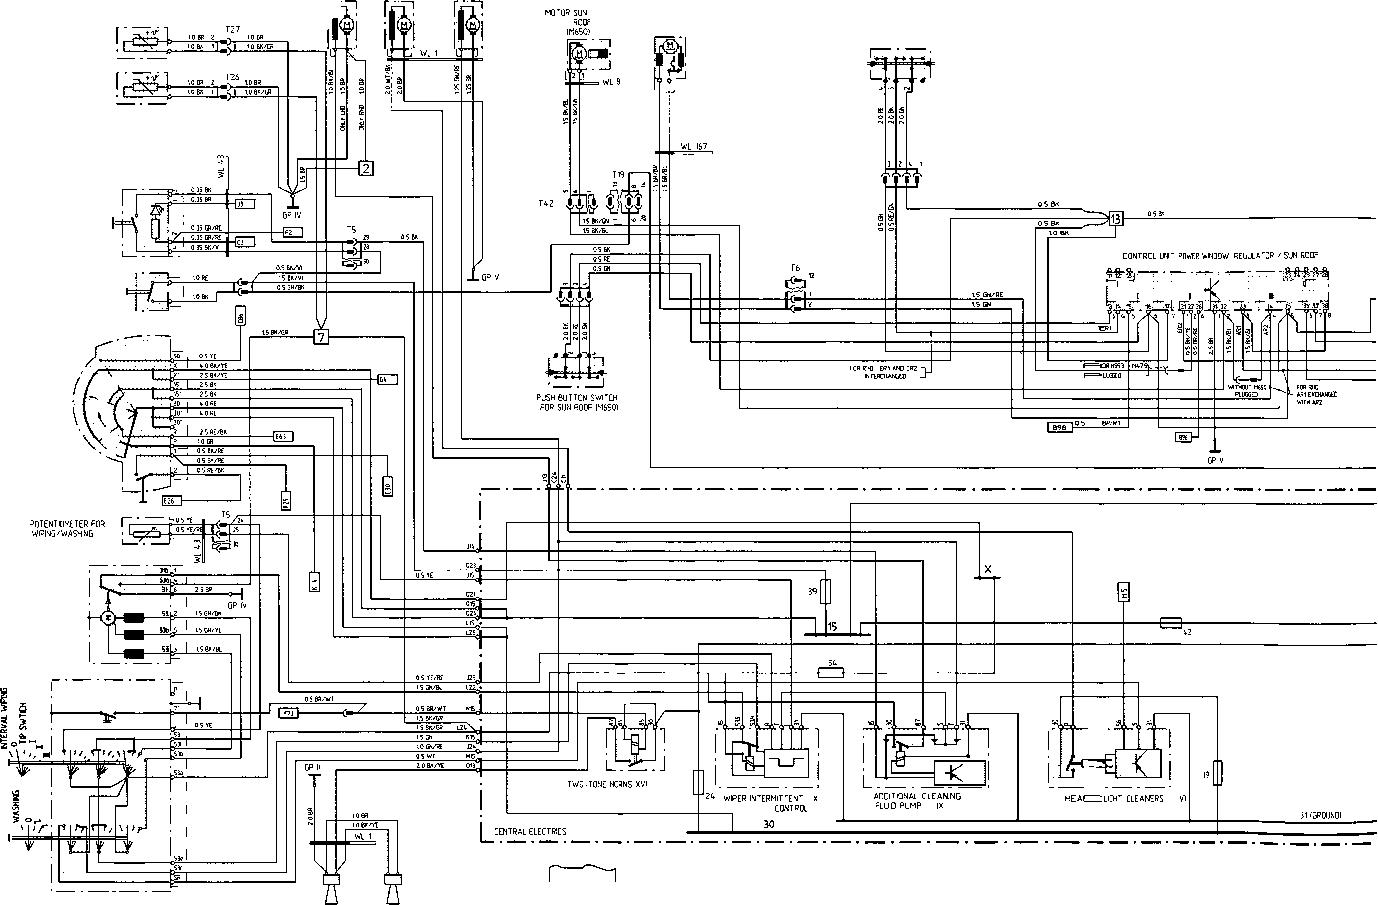 S Model 91 Sheet I